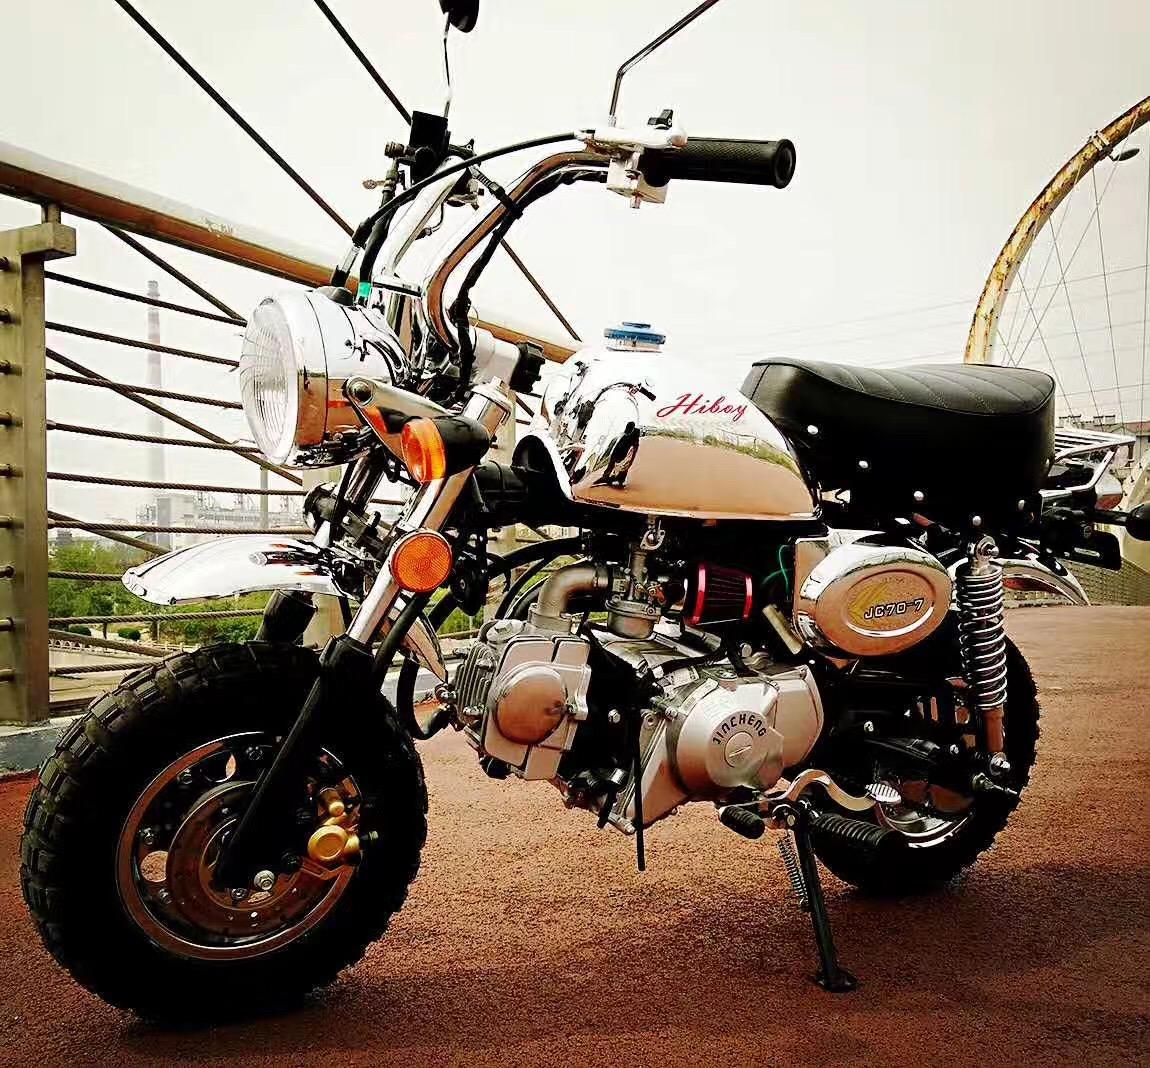 券后4280.00元金城金童jc70-7/小猴子迷你摩托车